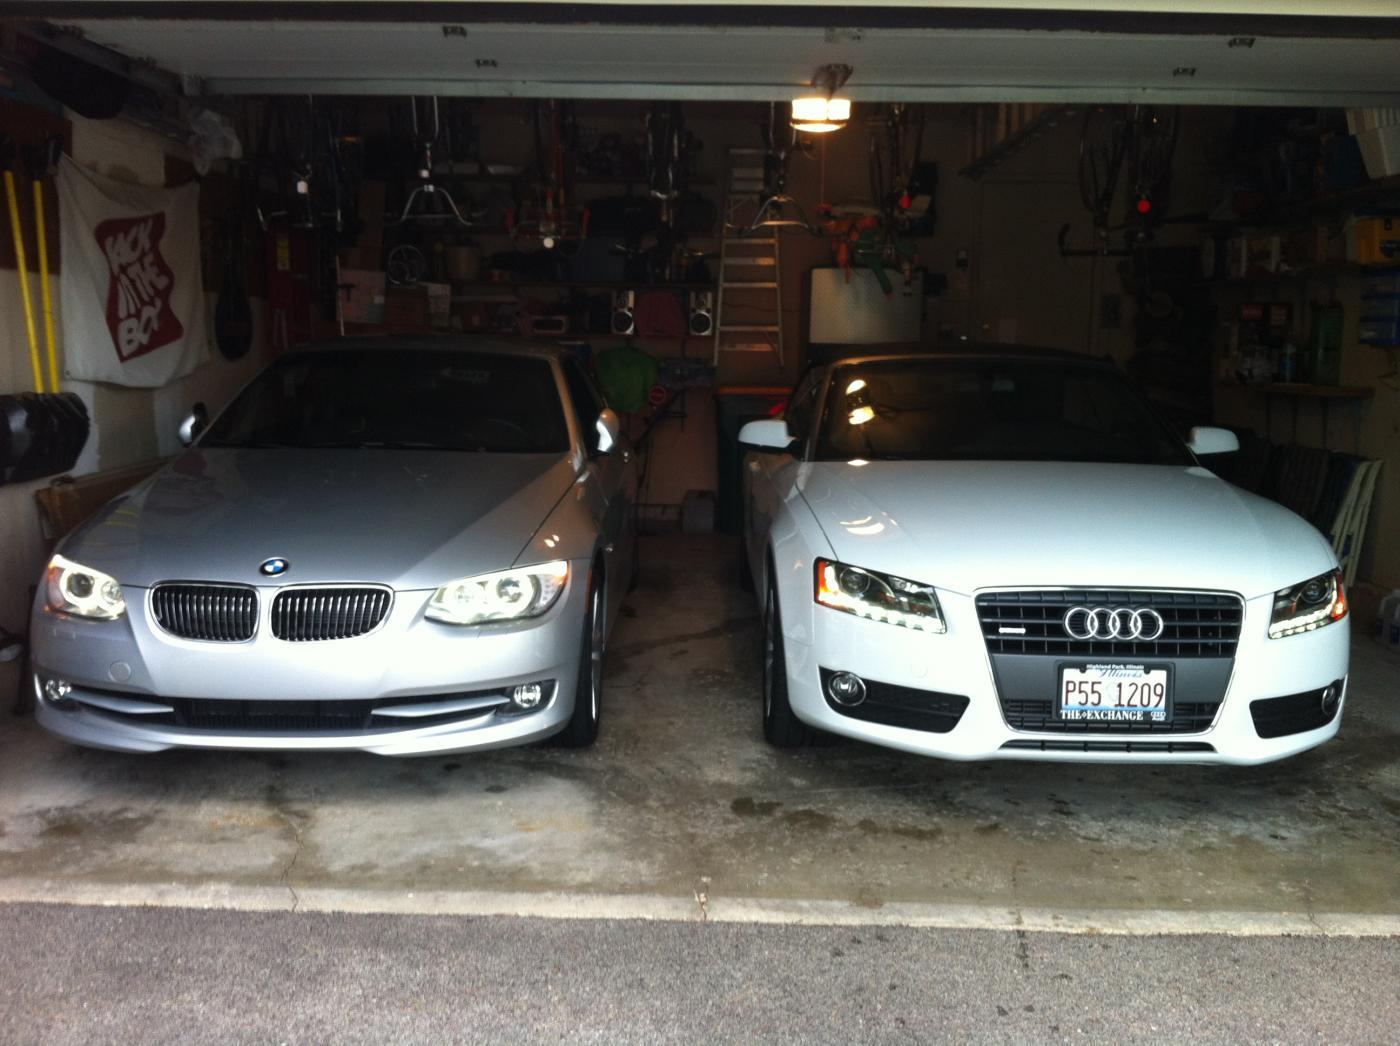 BMW 328i convertible vs Audi A5 convertible